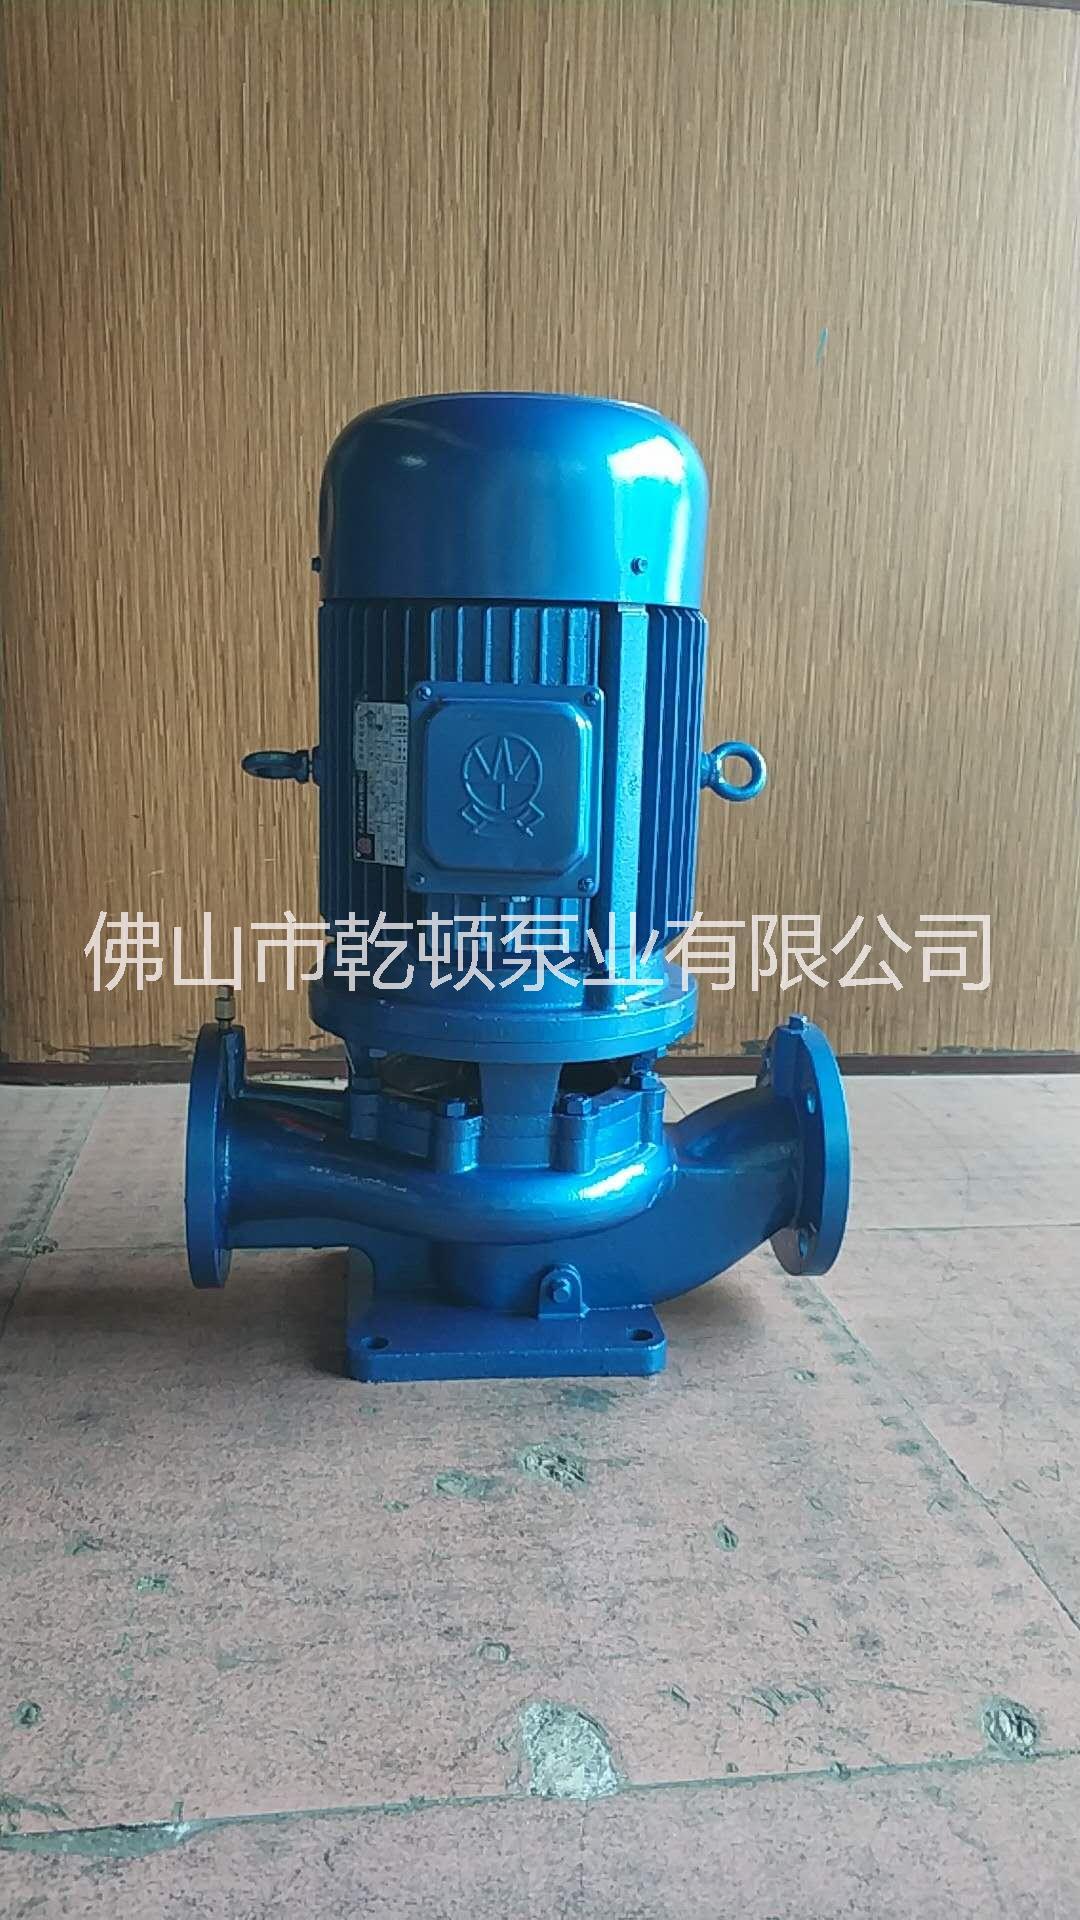 乾顿泵业长期销售管道式离心泵、单吸式离心泵、价格优惠 质量保证